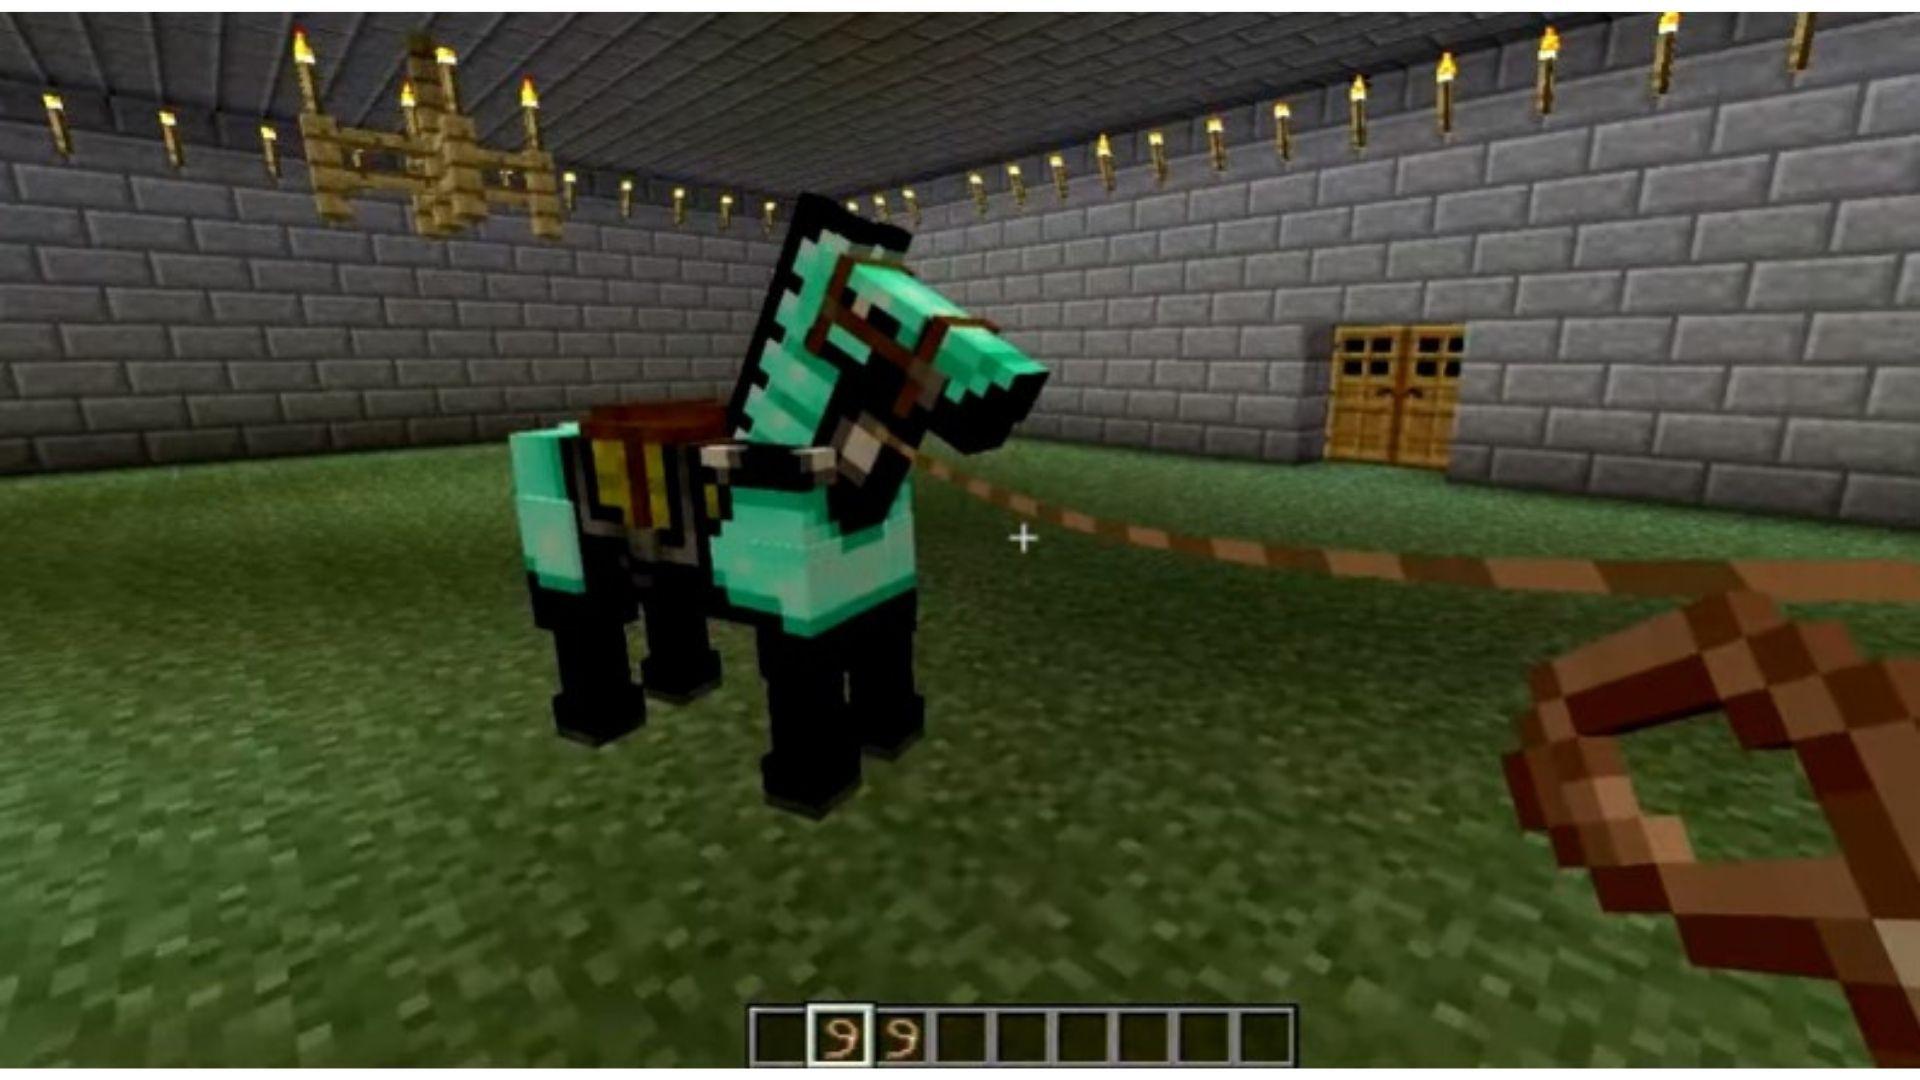 Depois de descobrir como fazer corda no Minecraft, você pode domesticar animais selvagens com mais facilidade (Foto: Reprodução/Youtube)